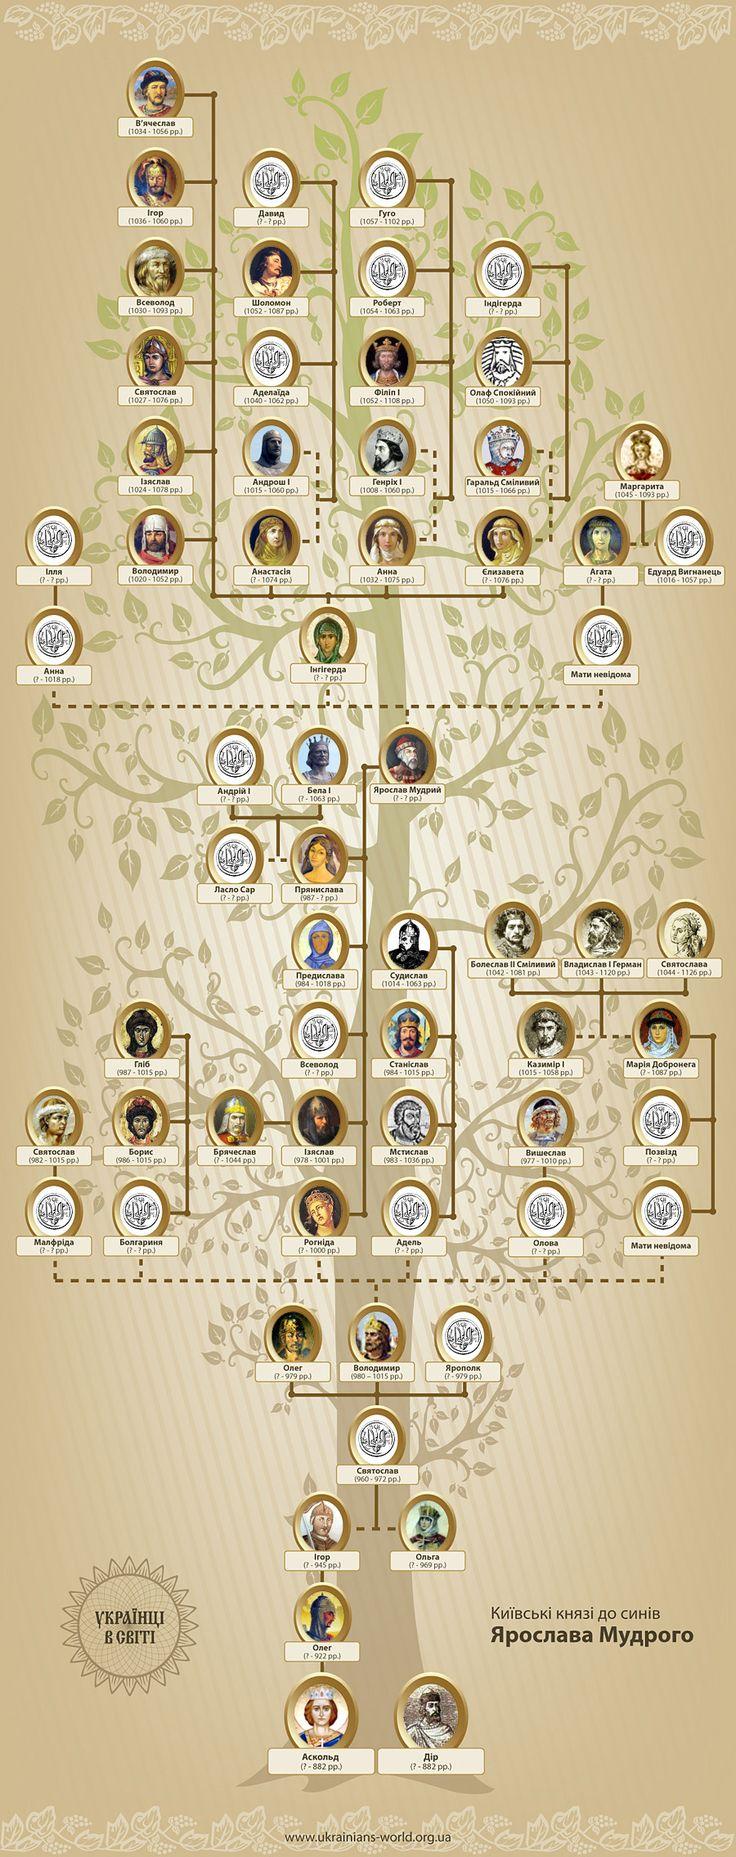 Українці в світі - Київські князі від Аскольда до Ярослава Мудрого. Генеалогічне дерево.